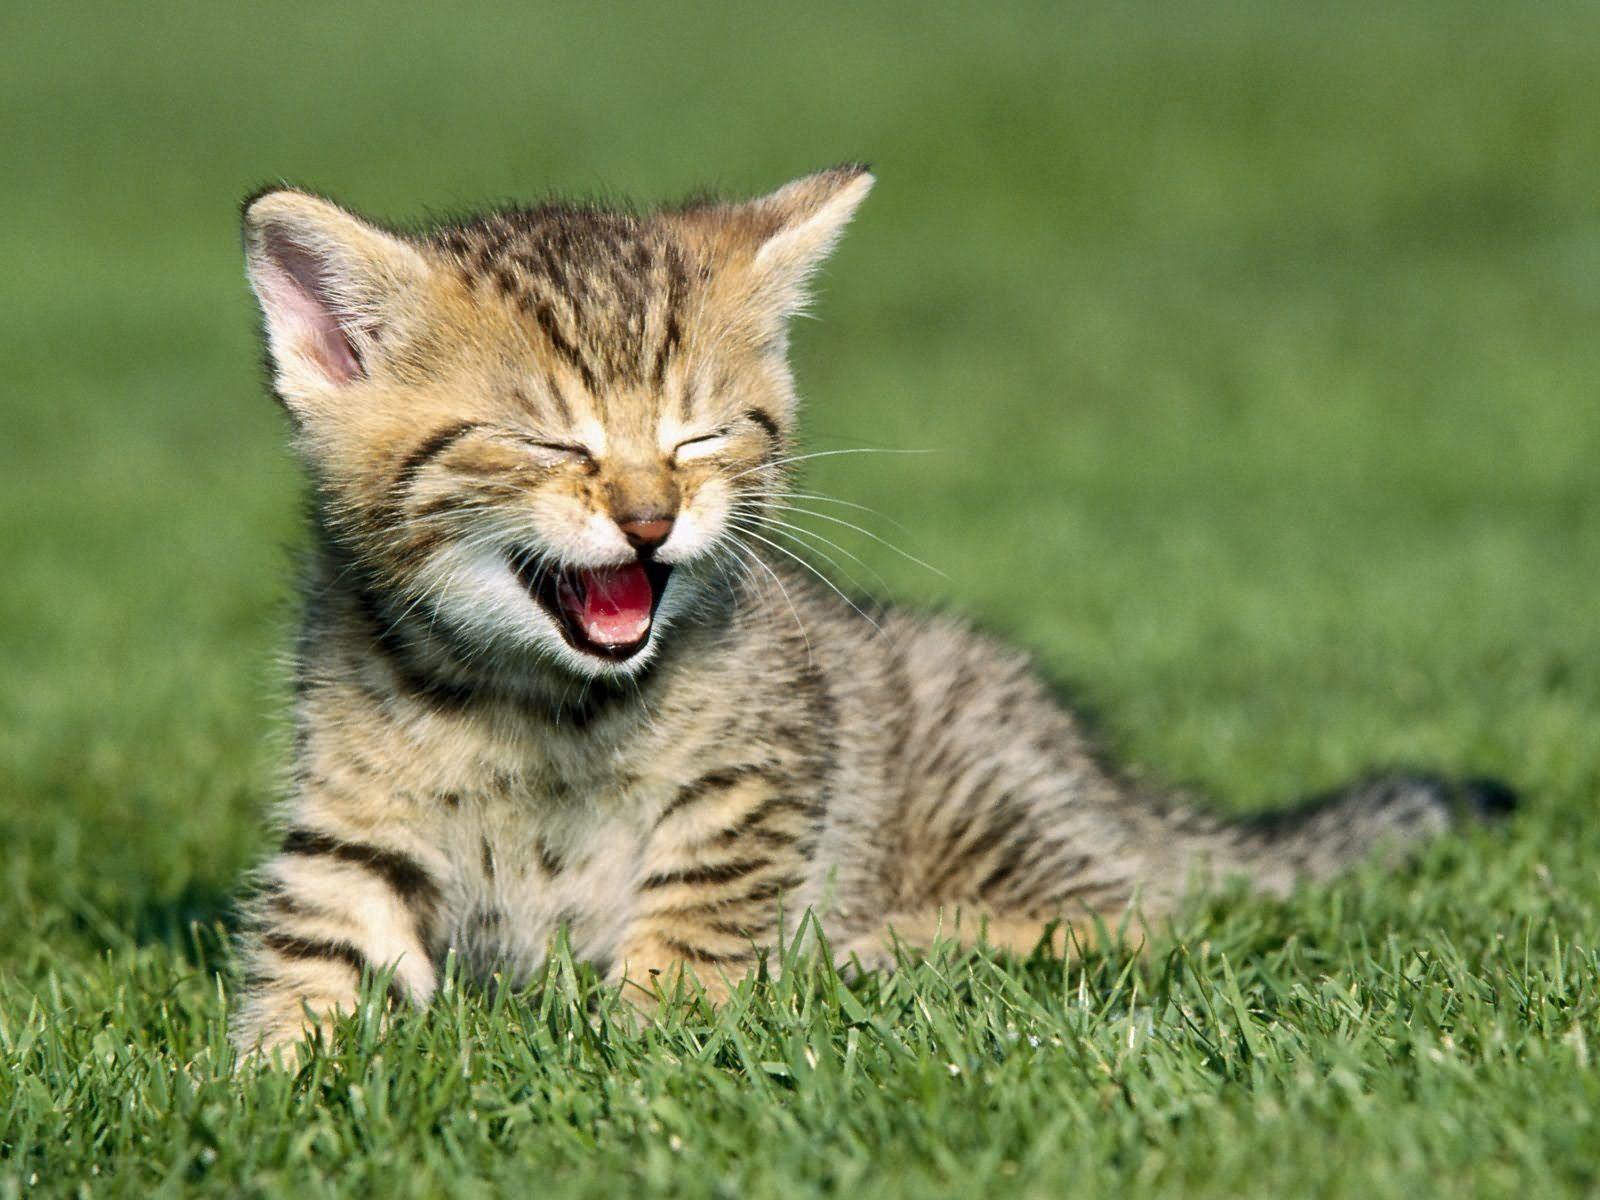 90259 Hintergrundbild herunterladen Tiere, Grass, Sitzen, Kätzchen, Schrei, Weinen - Bildschirmschoner und Bilder kostenlos